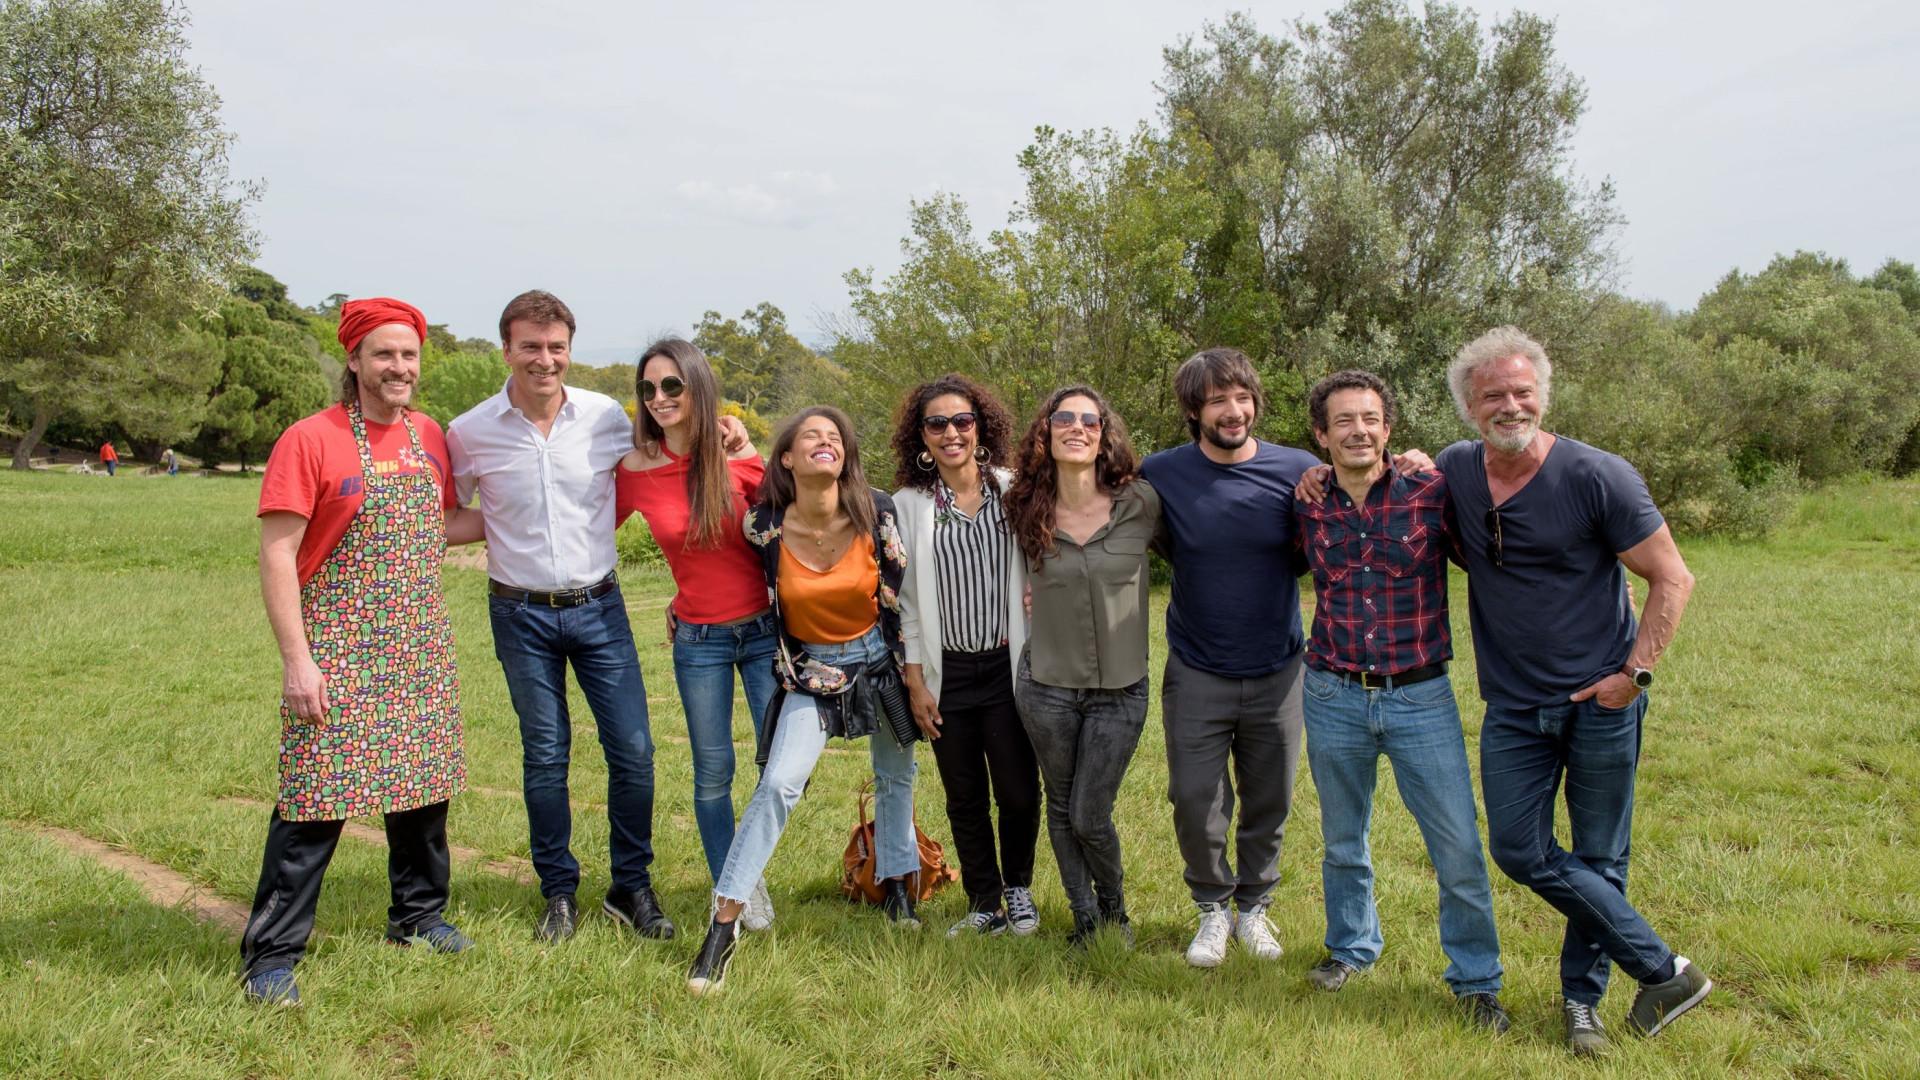 Figuras públicas portuguesas unem-se em campanha de sensibilização